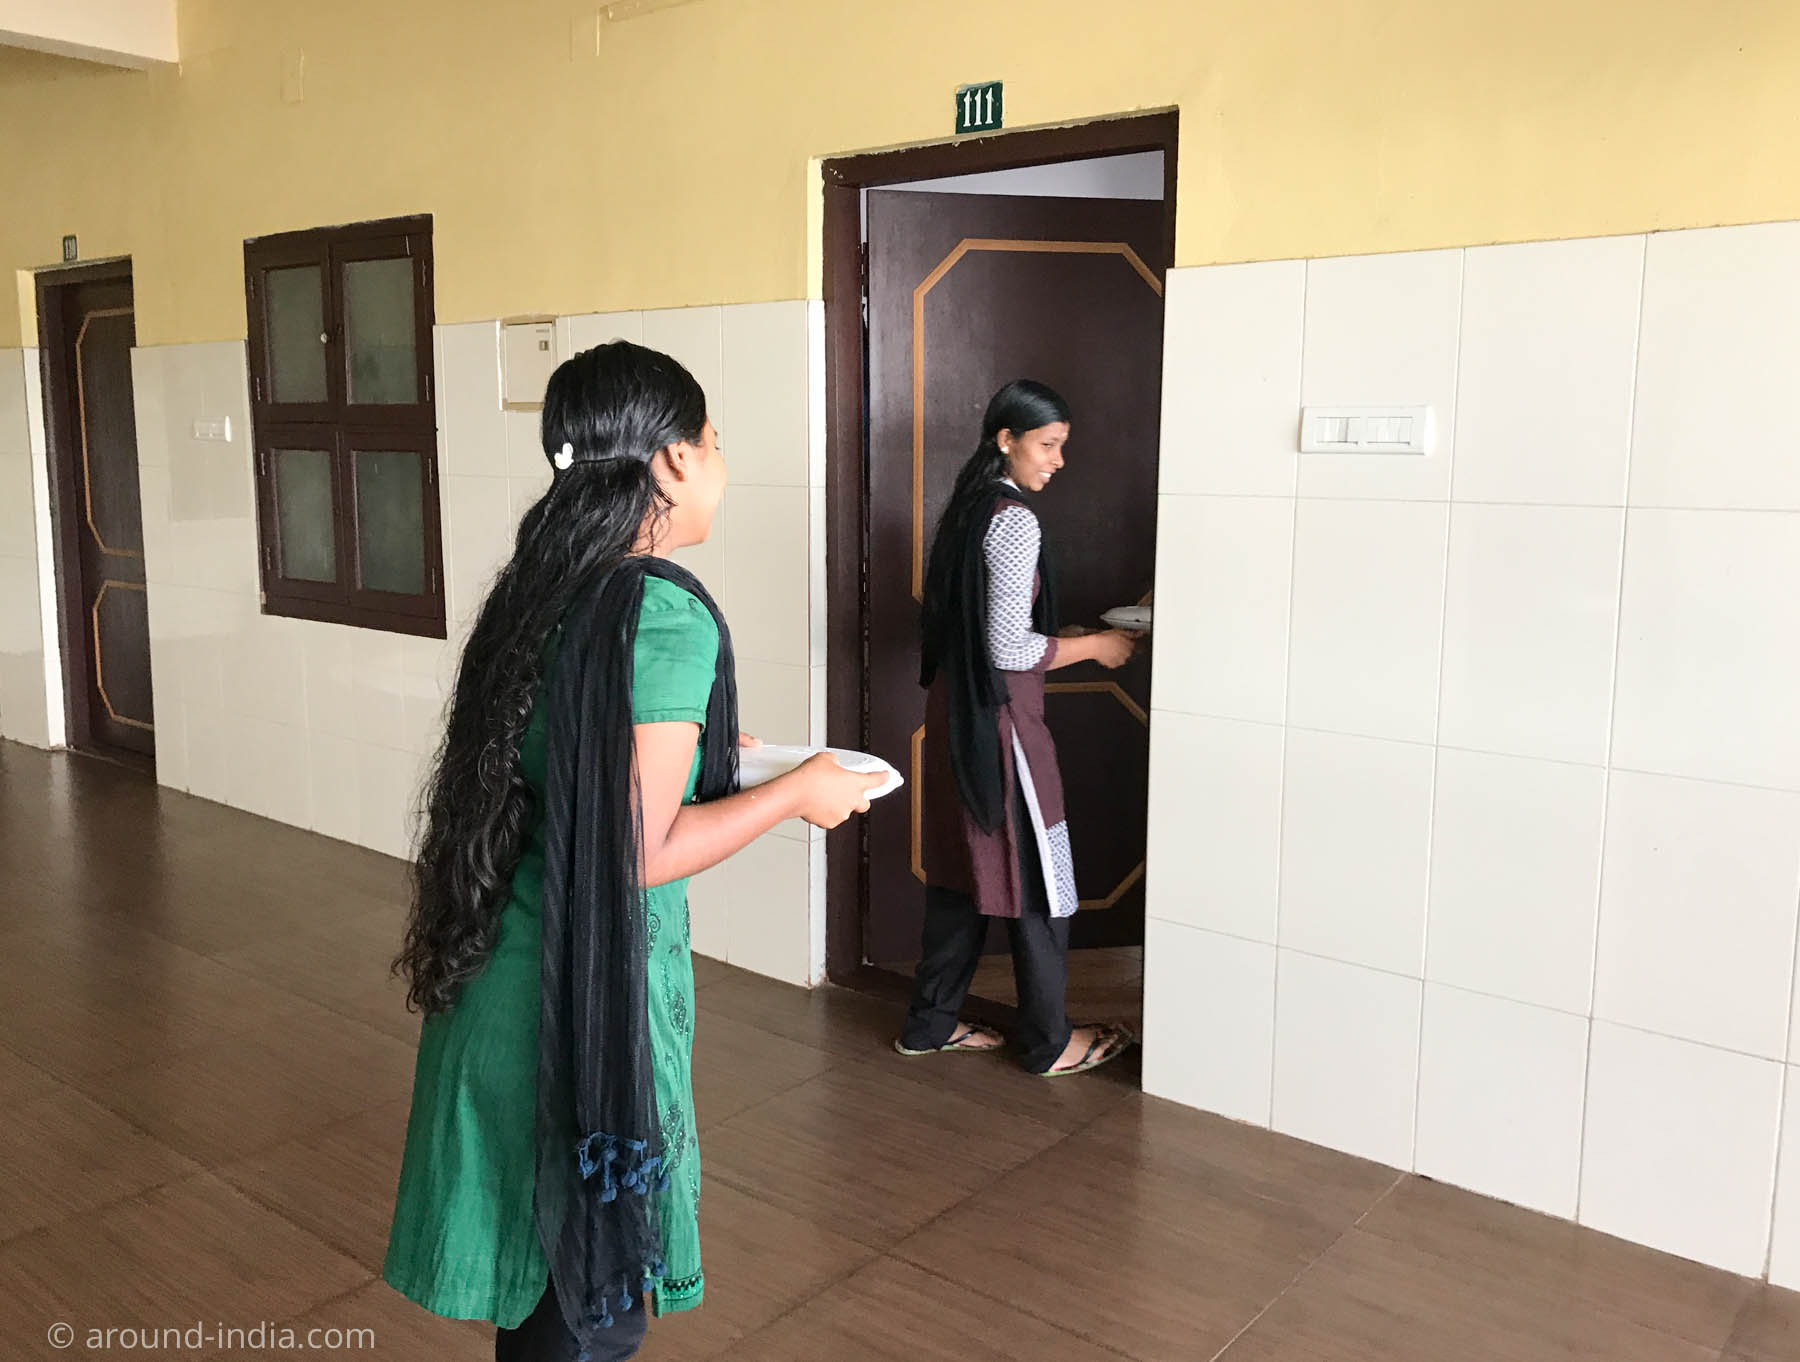 PVAアーユルヴェーダ病院、お薬を病室に運ぶセラピスト